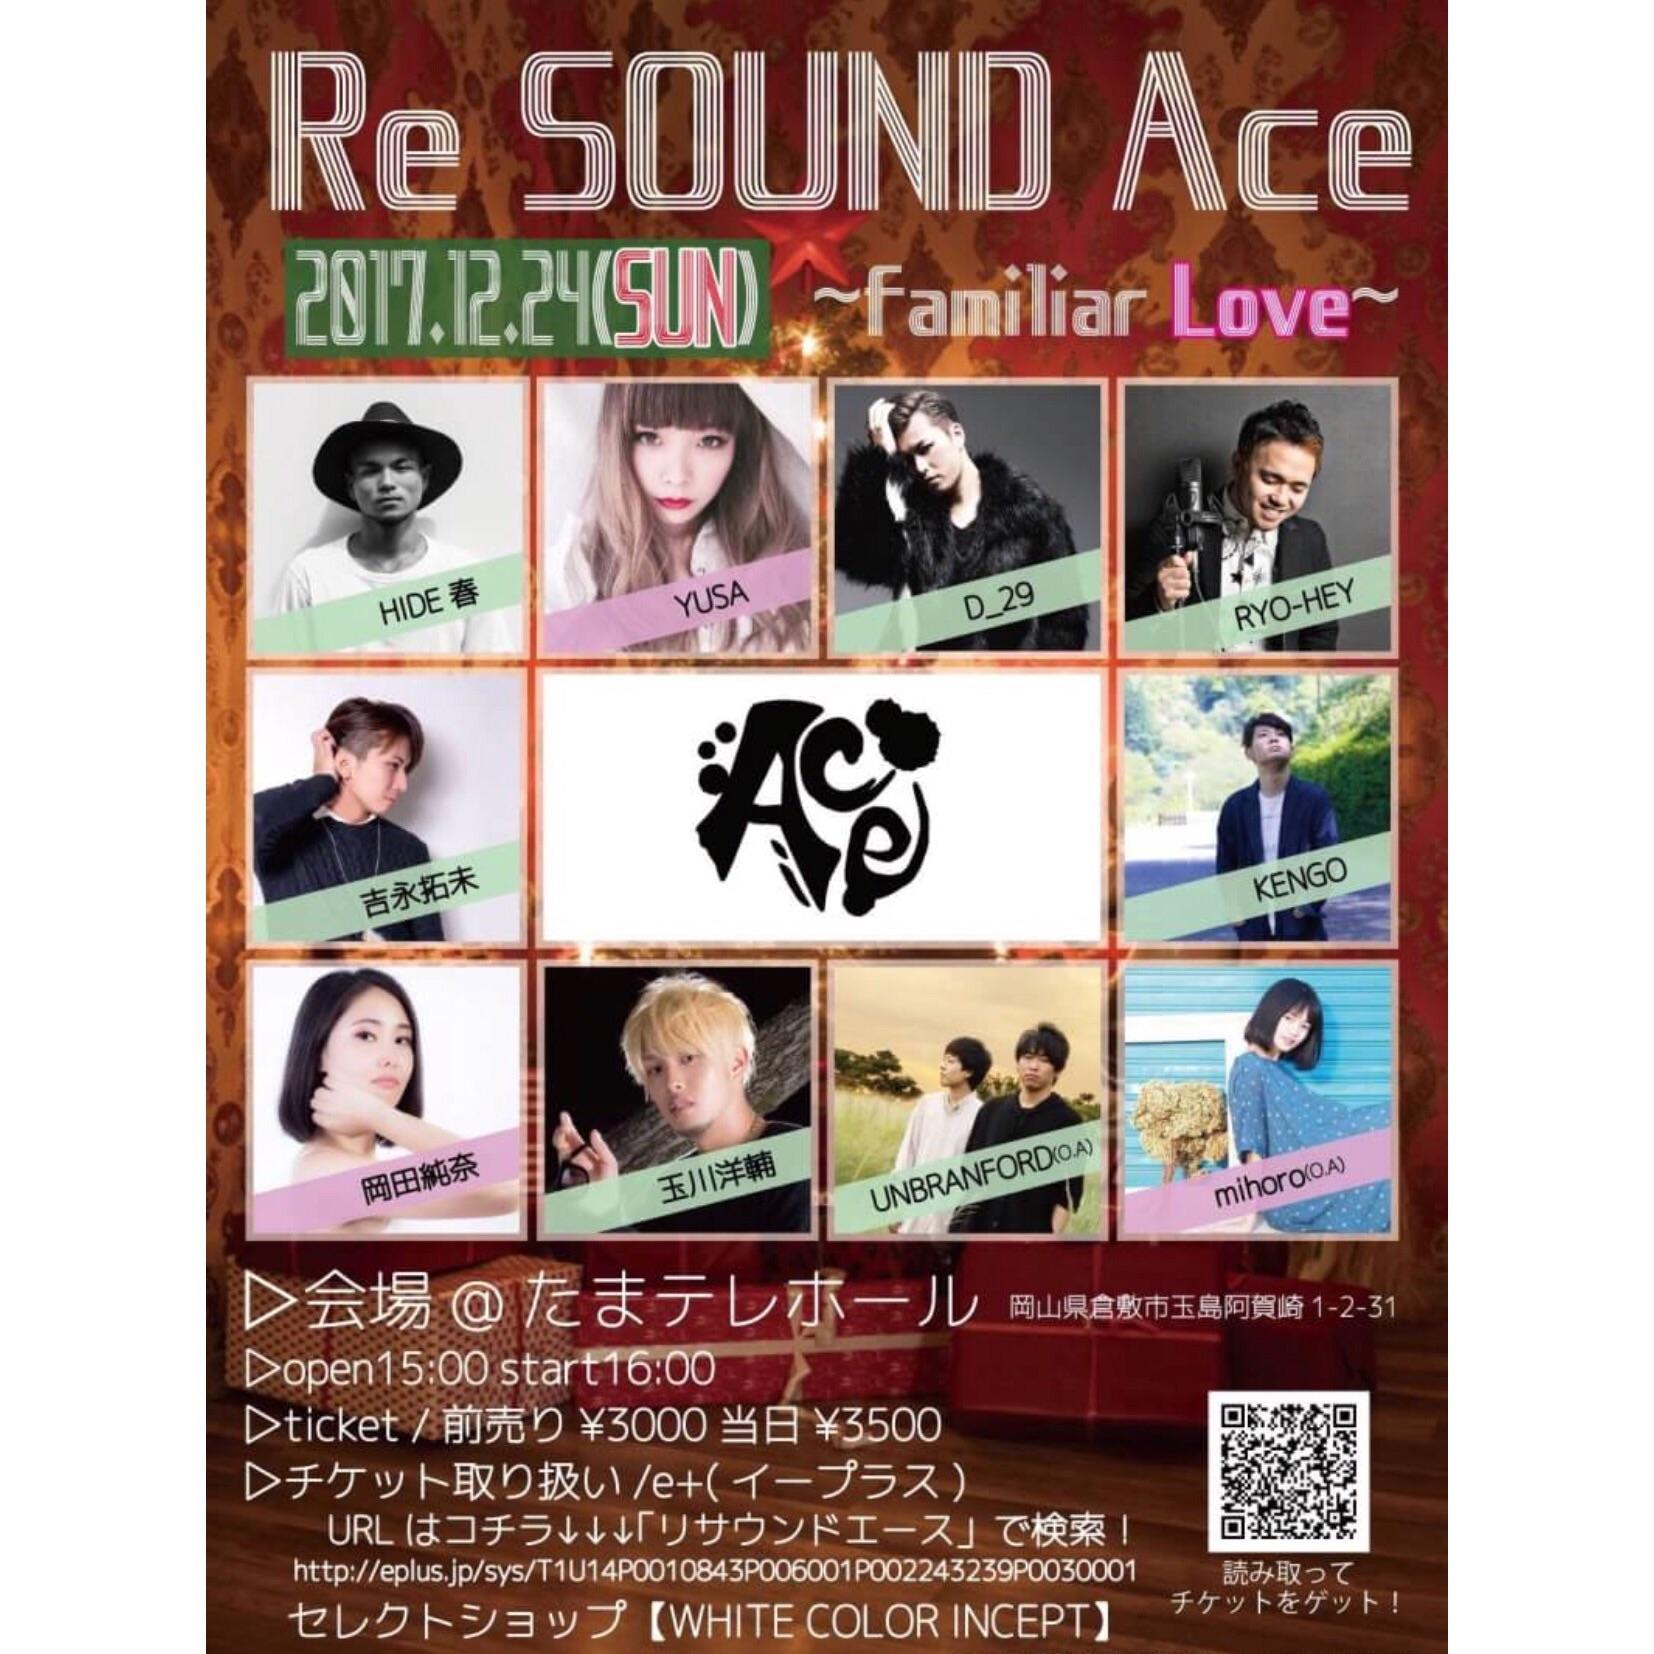 f:id:Yosuke0912:20171219220435j:image